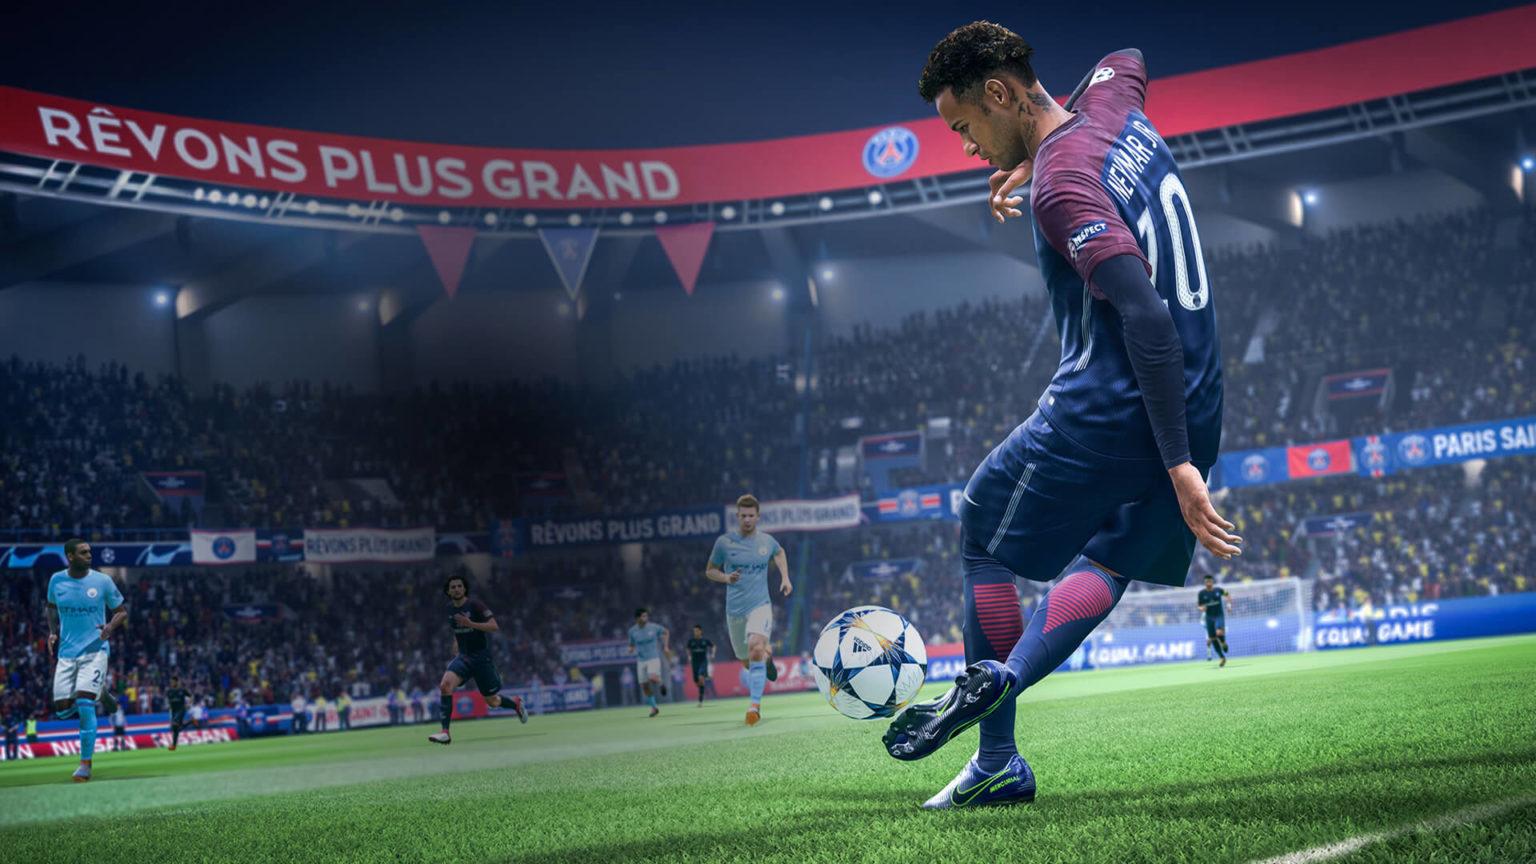 В новом трейлере FIFA 22 показали новый уровень ИИ